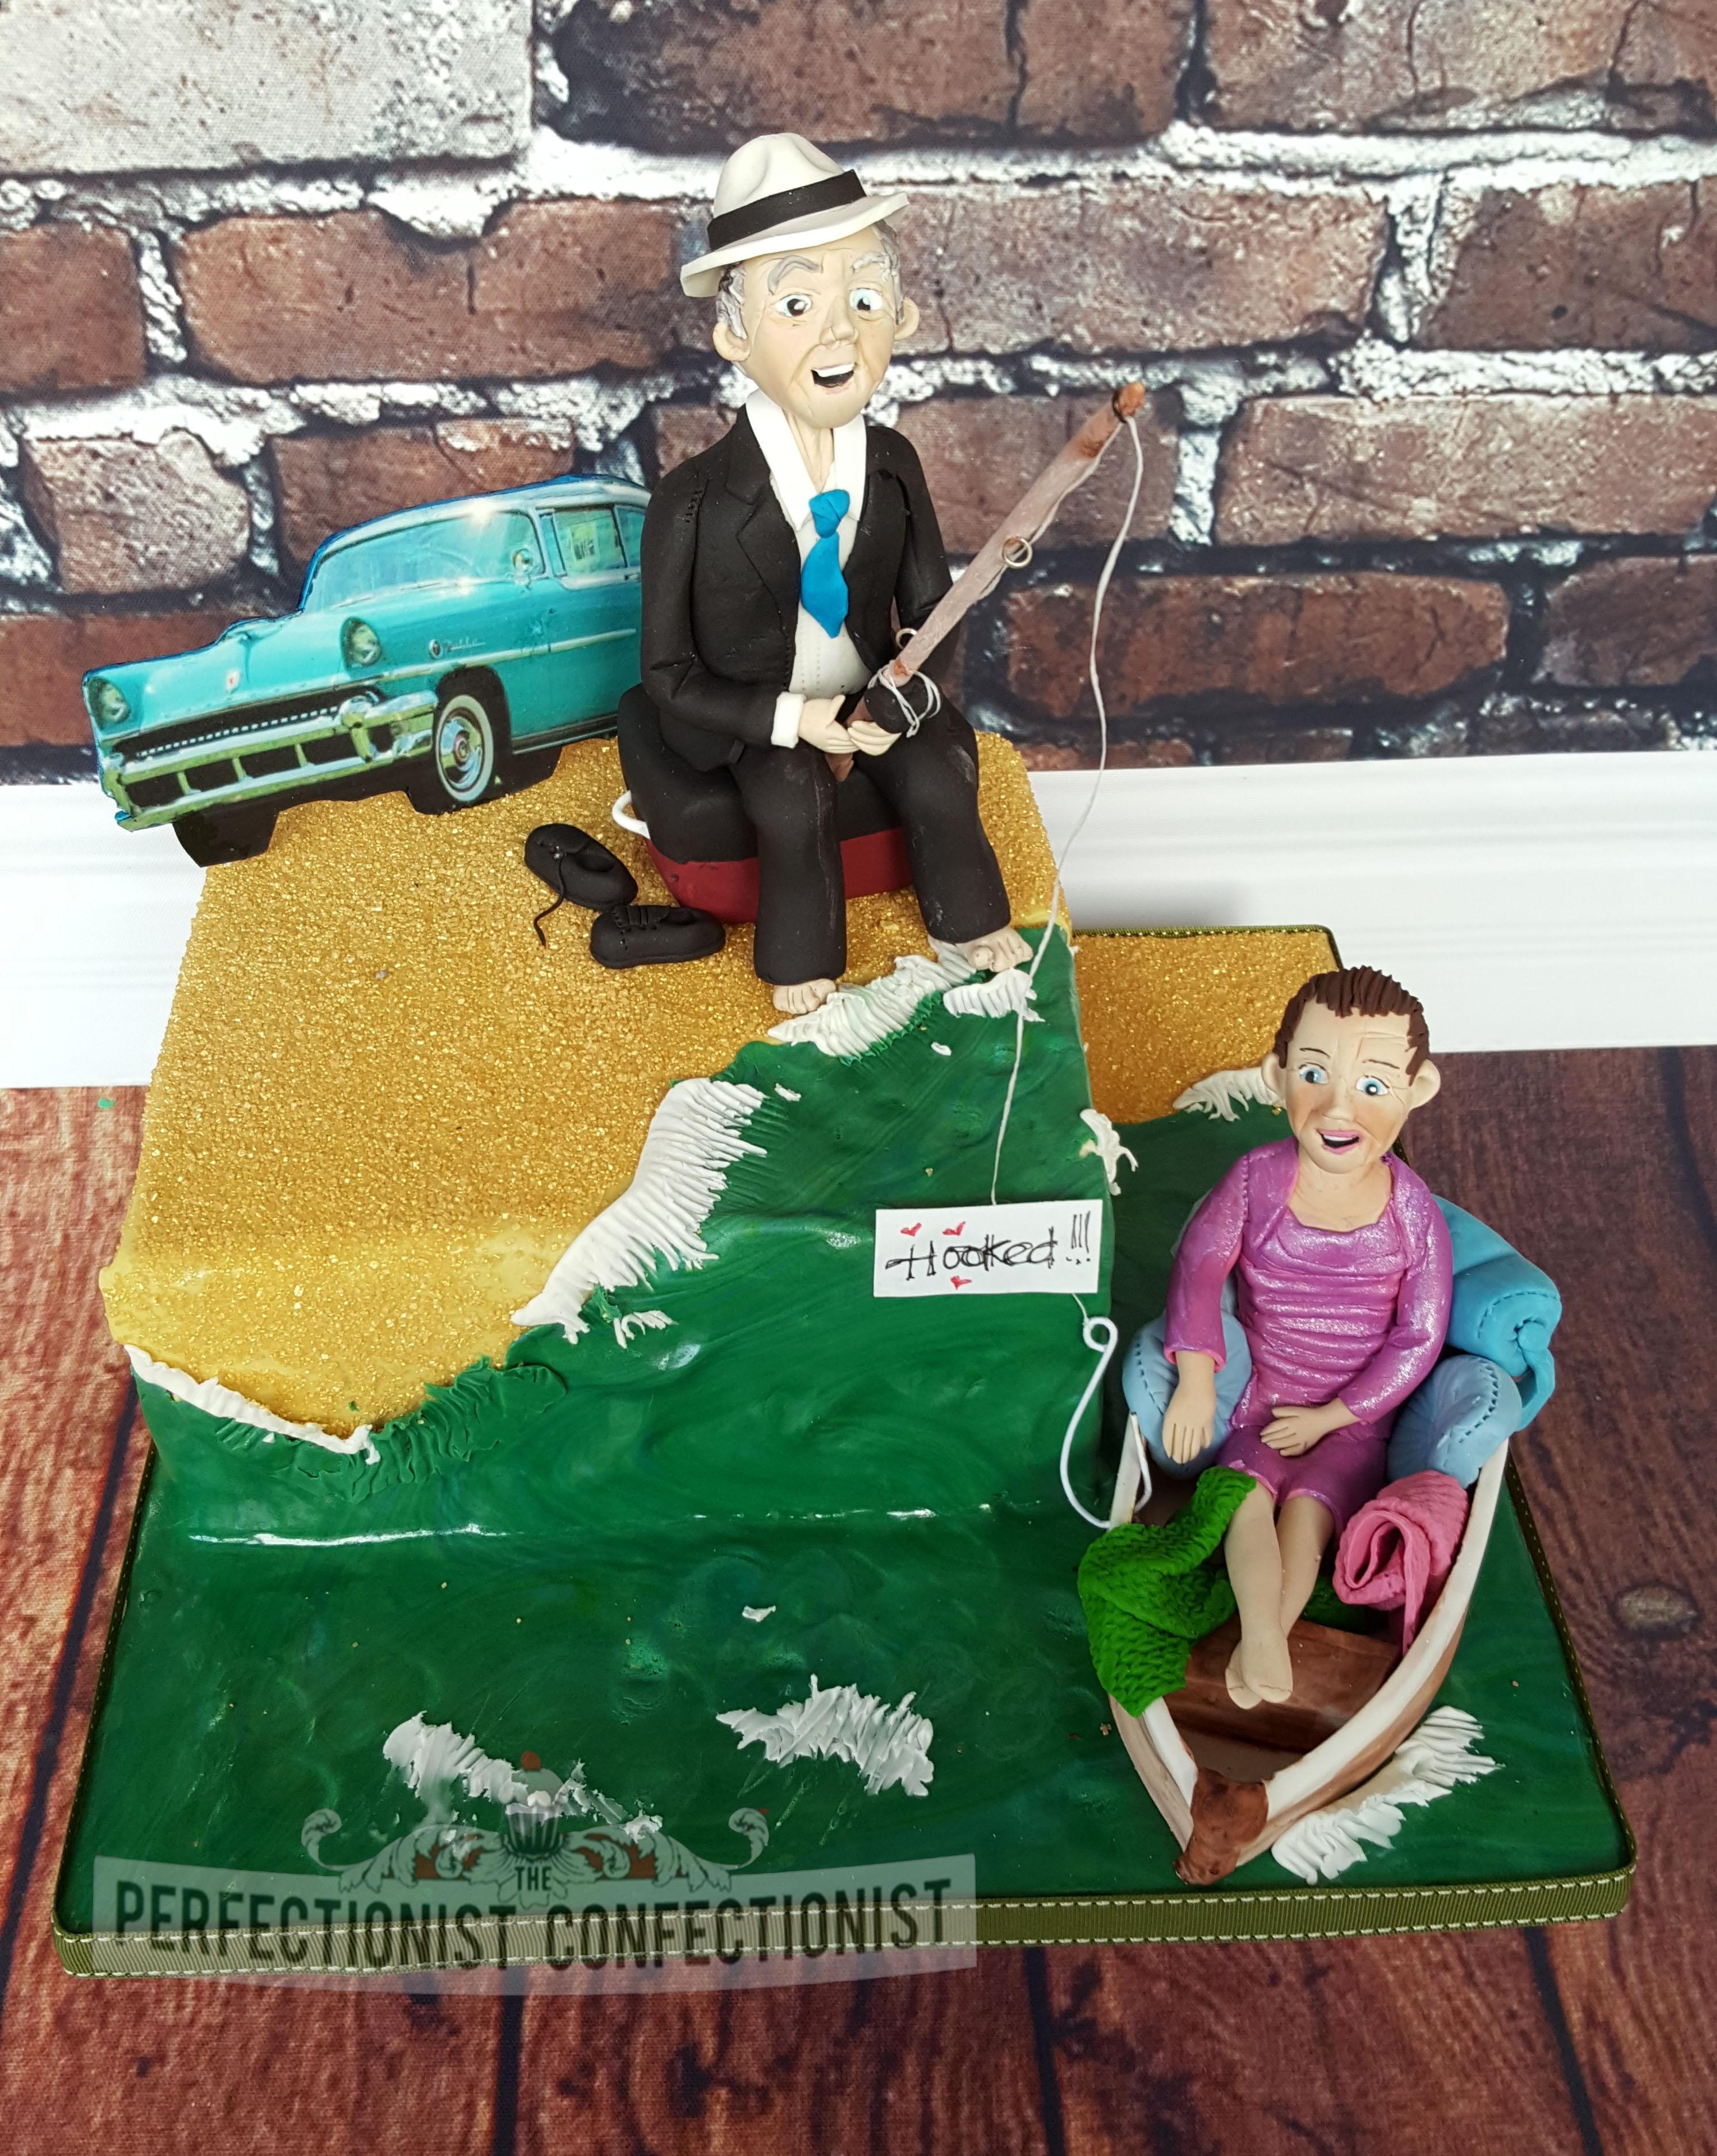 Michelle - Wedding Anniversary Cake